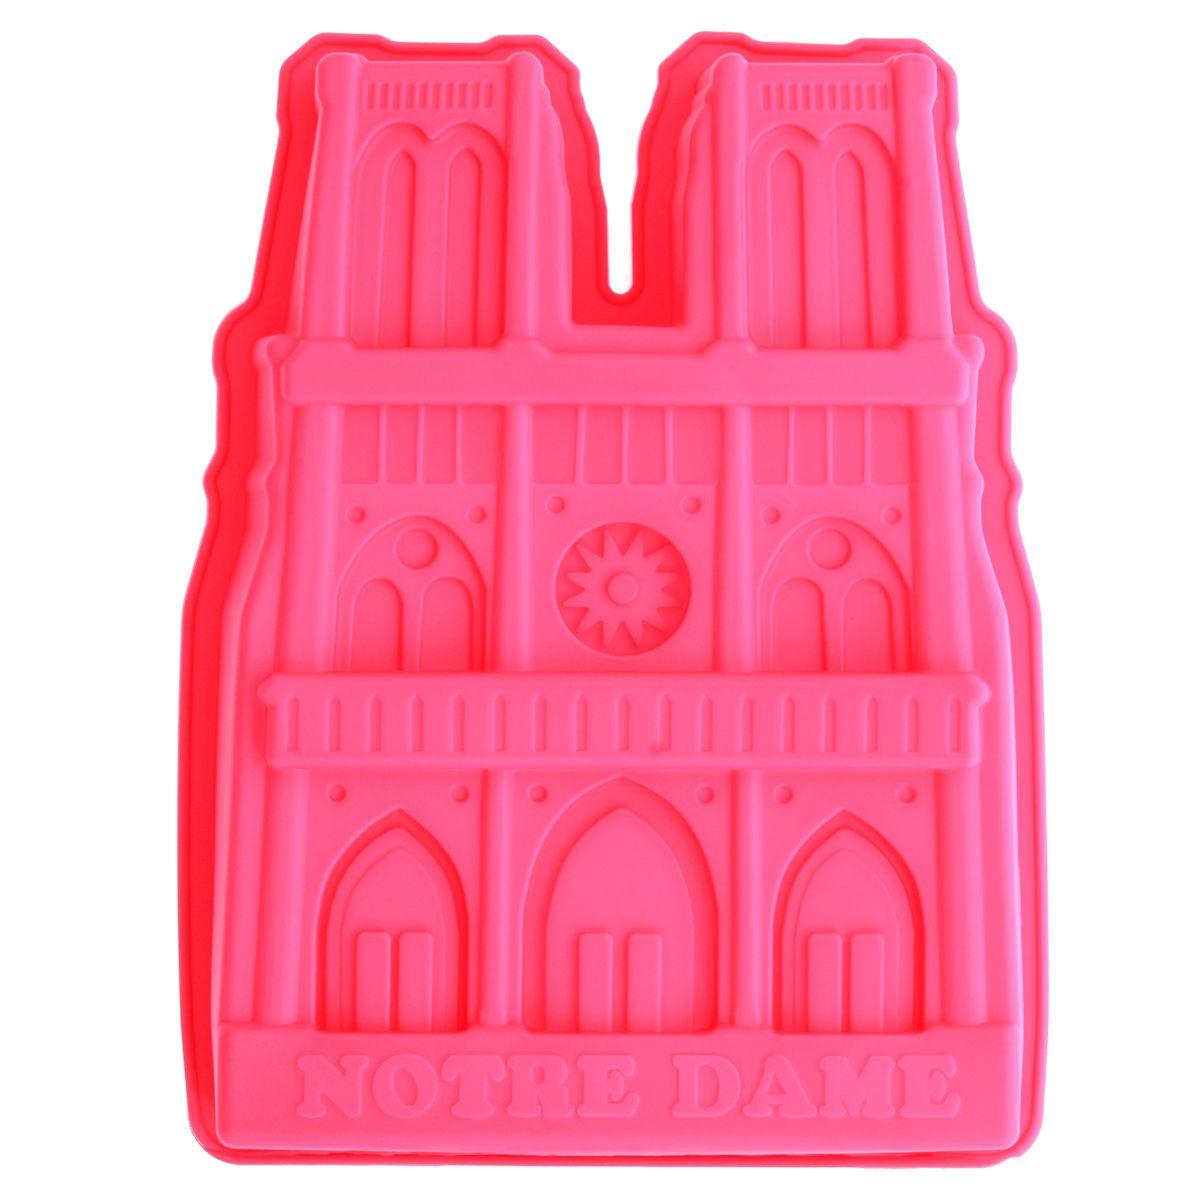 Moule gâteau en silicone rose Notre-Dame - Le Chef Paris